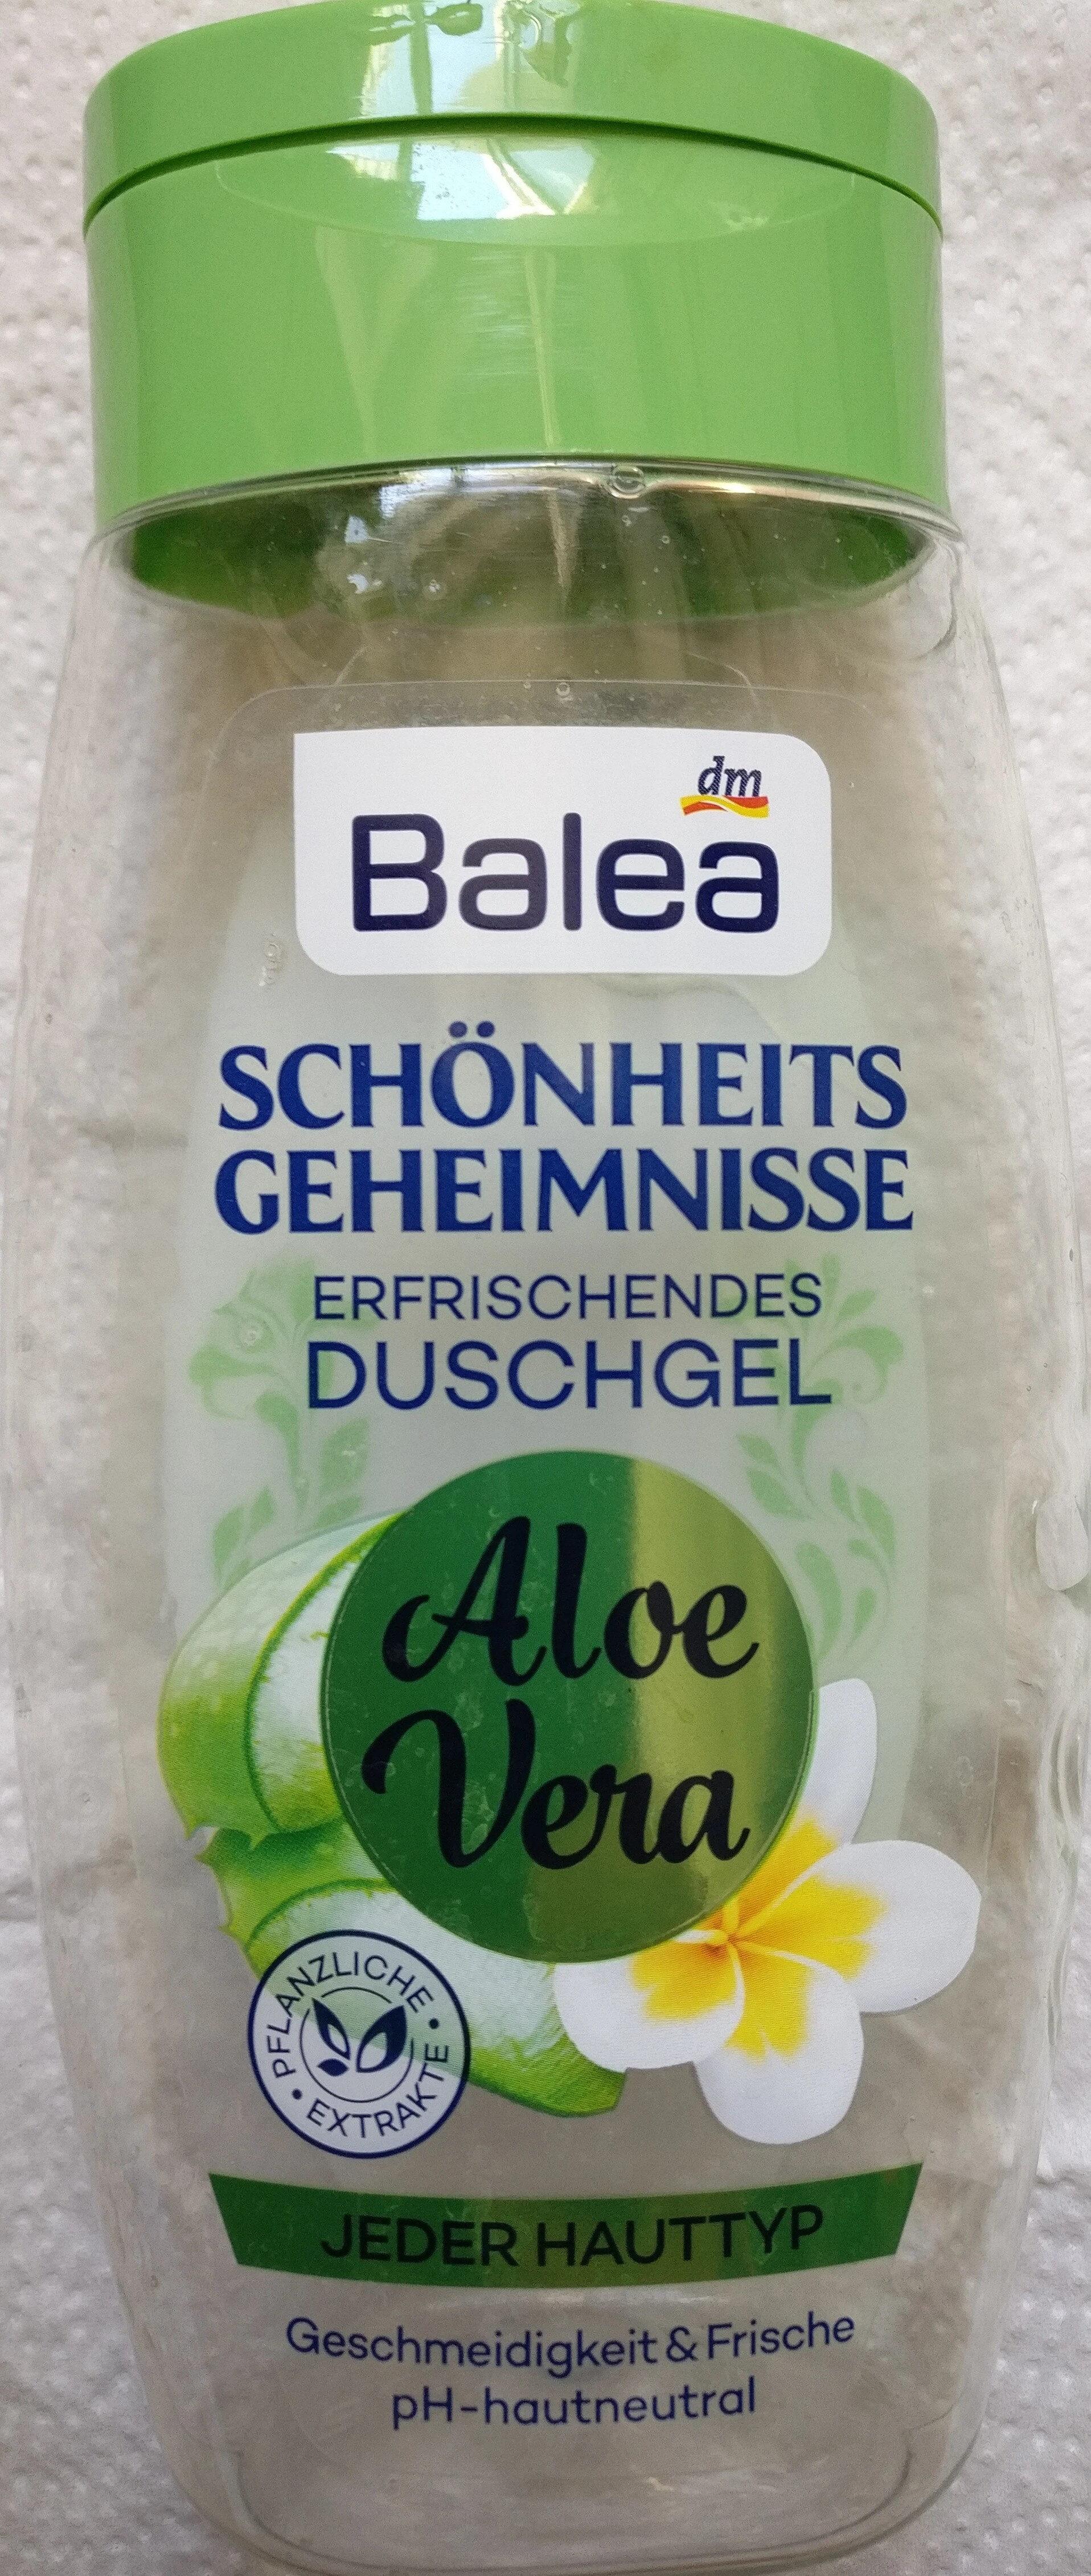 Dusche Schönheitsgeheimnisse Aloe Vera - Product - en